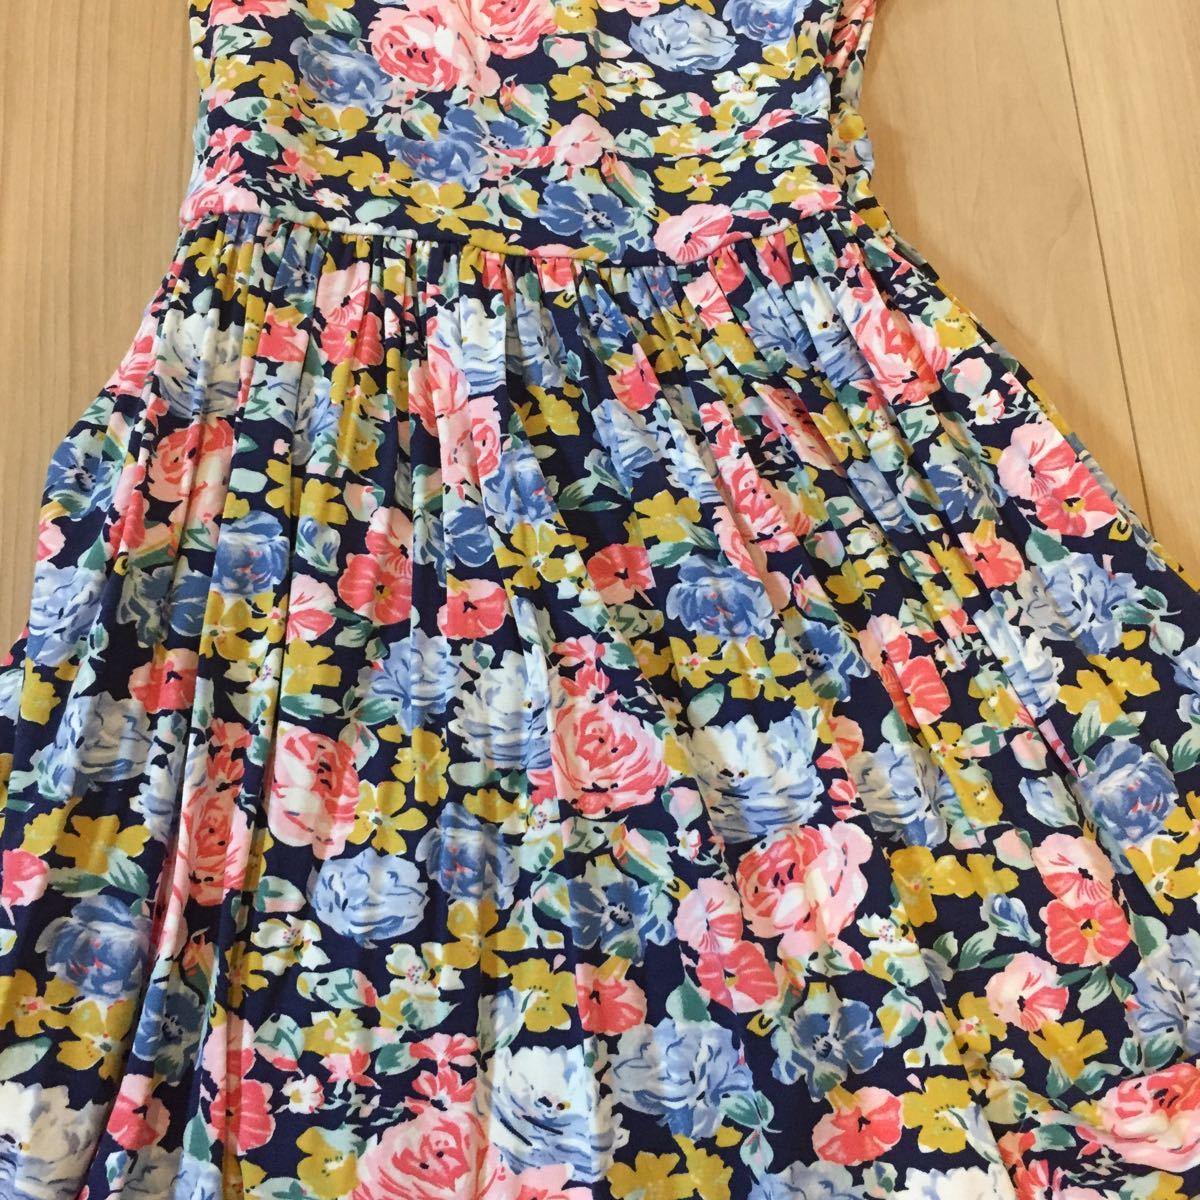 花柄ワンピース ノースリーブ ザラZARA 未使用 タグ付 紺 ピンク ブルー サマードレス リゾート Tシャツの上に フレア Mサイズ ストレッチ_画像3